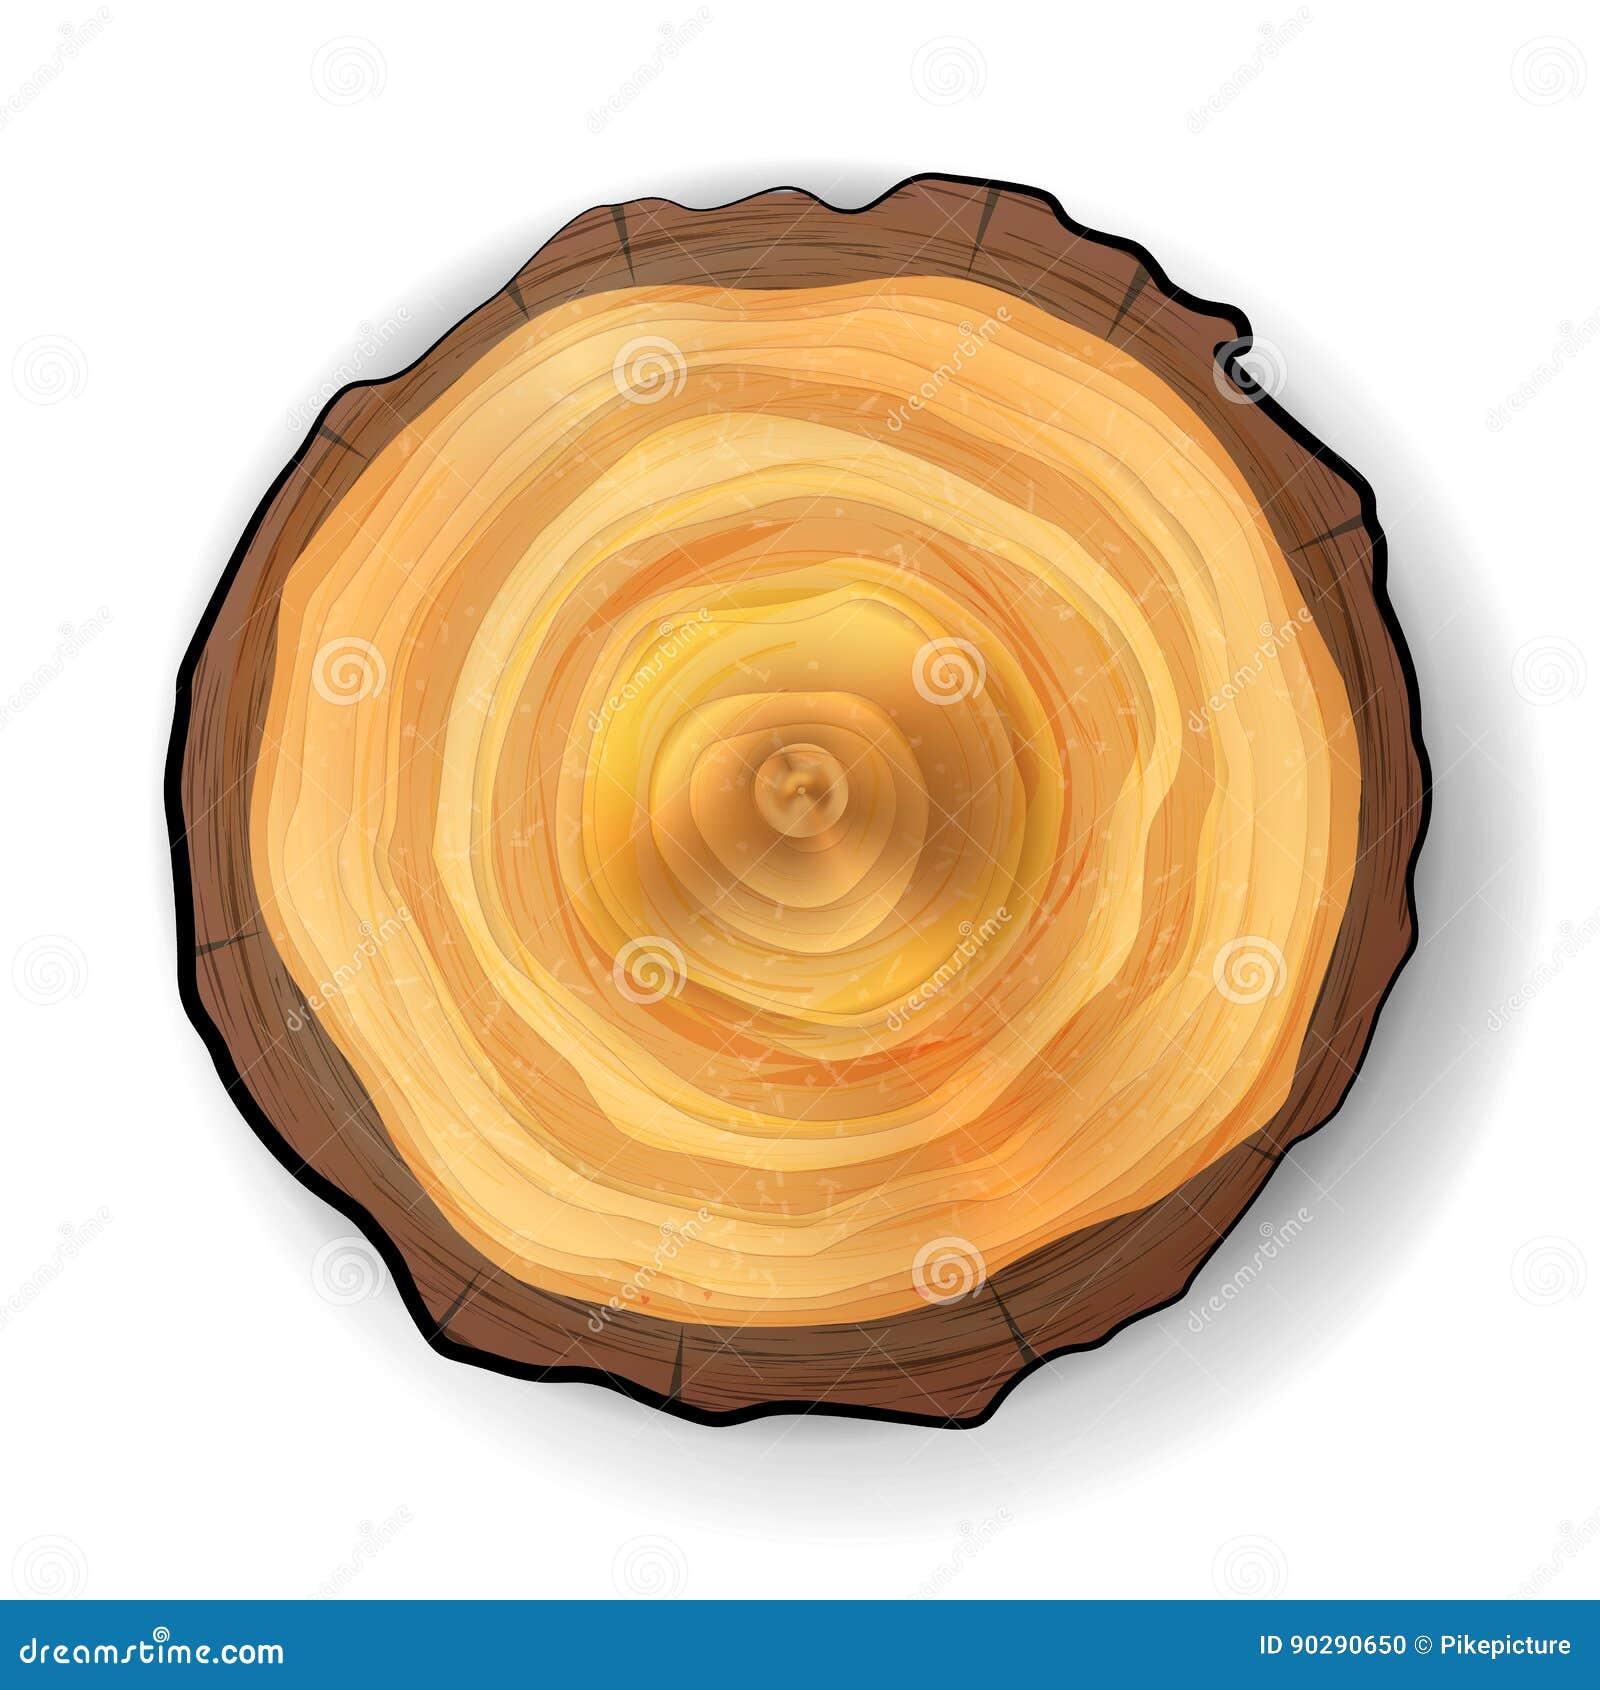 Vector de madera del tocón del árbol seccionado transversalmente Ilustración realista Aislado en el fondo blanco